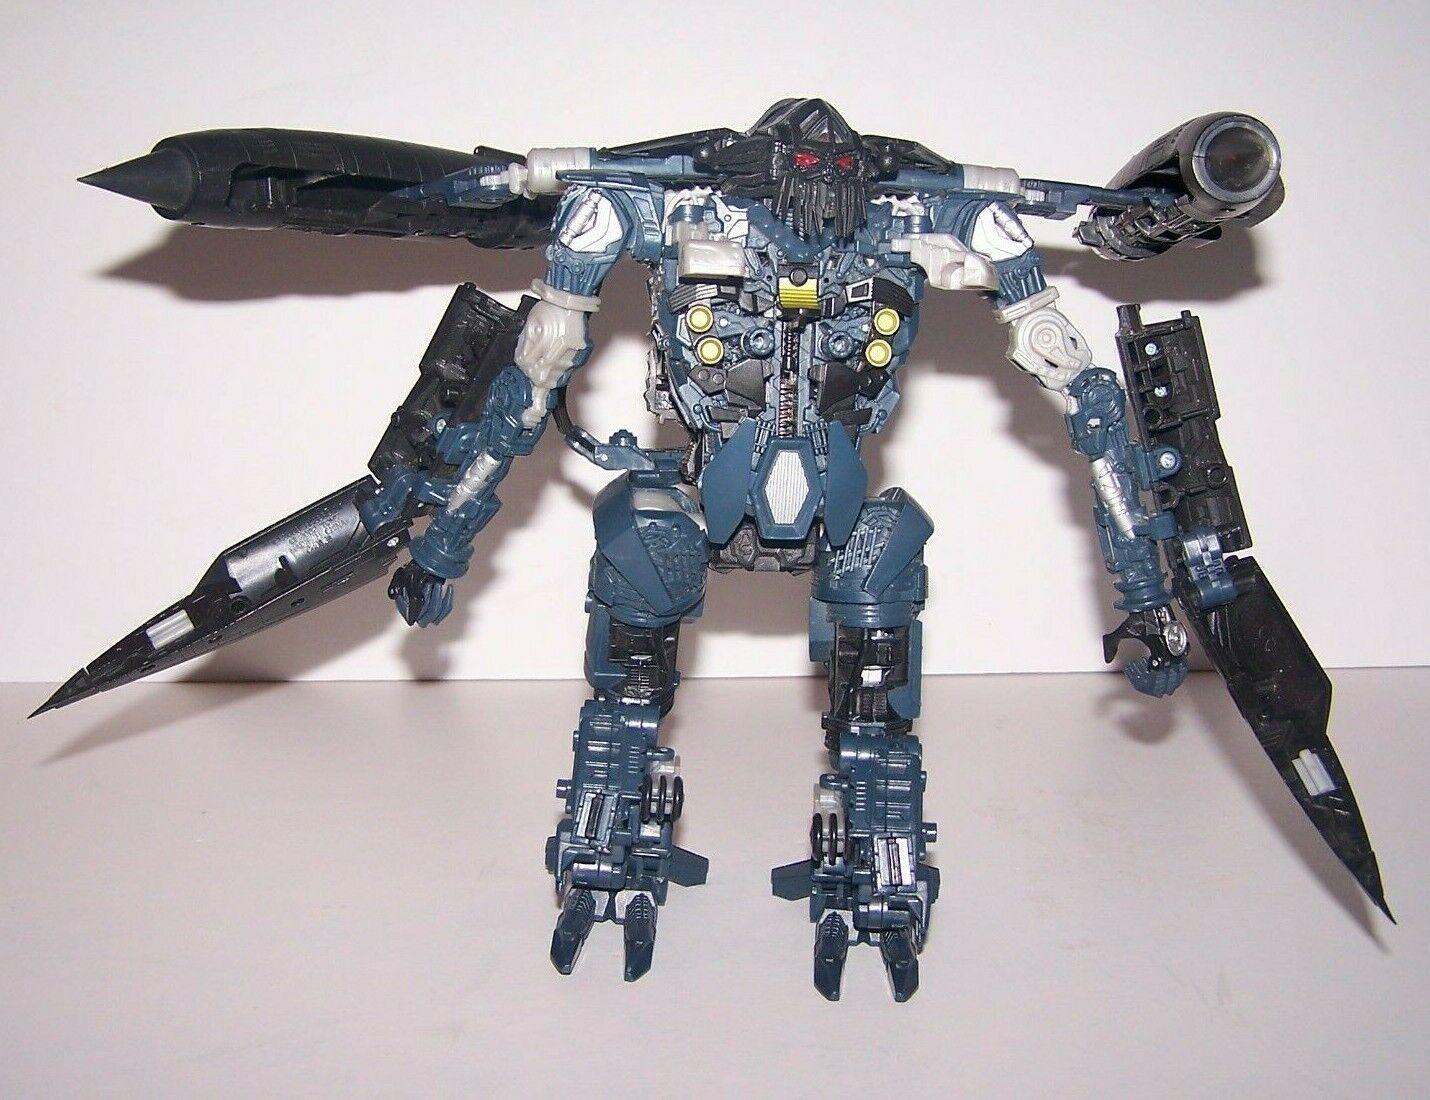 Hasbro Hasbro Hasbro Transformers Movie 2 Leader Jetfire azione cifra 6ce04b